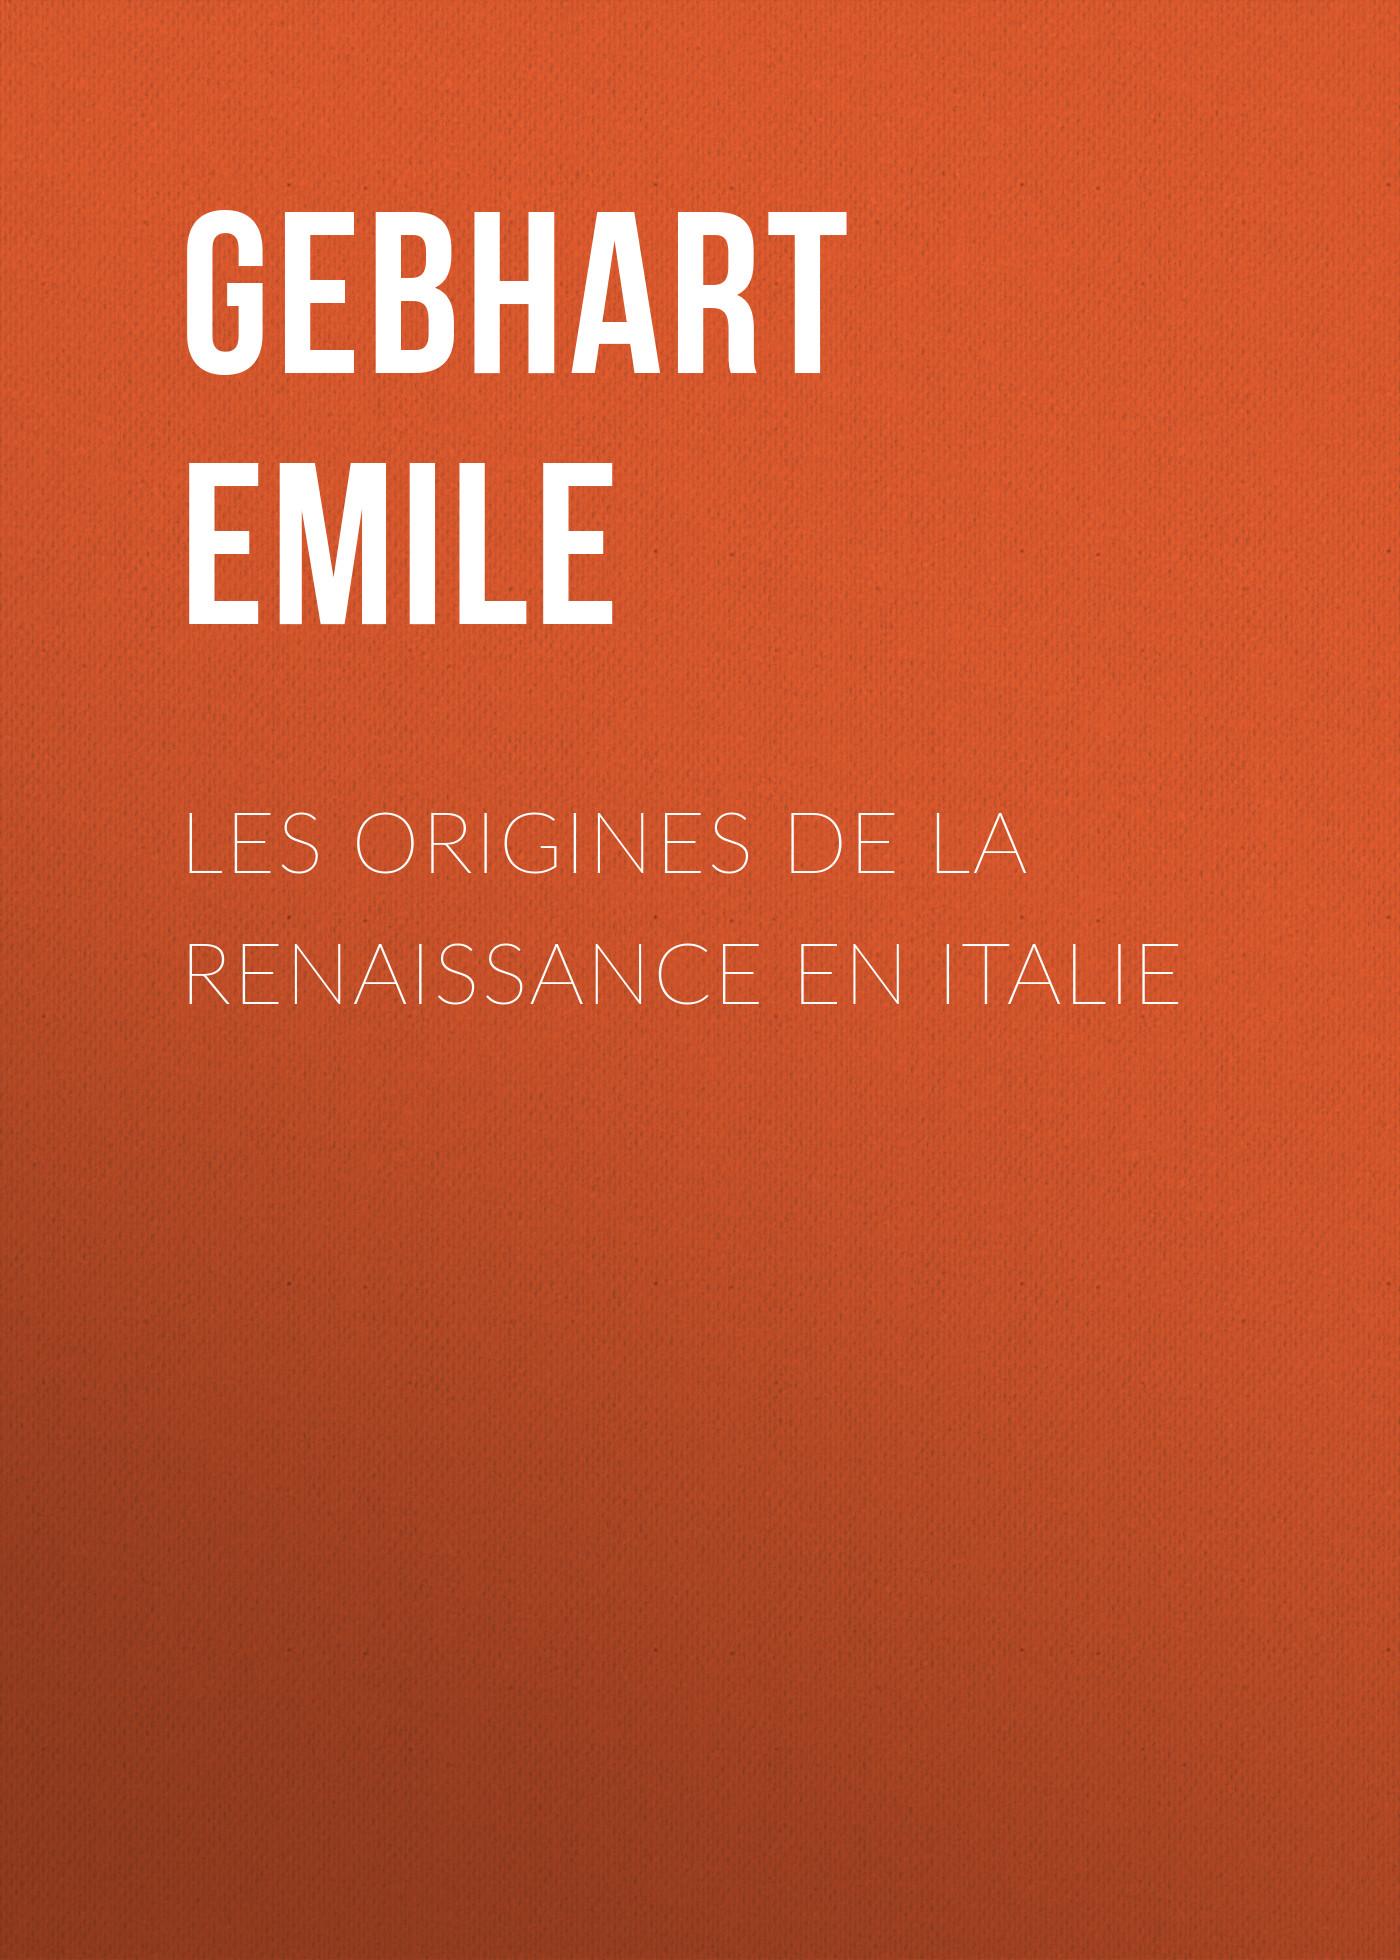 Émile Gebhart Les origines de la Renaissance en Italie victor de jouy l hermite en italie t 2